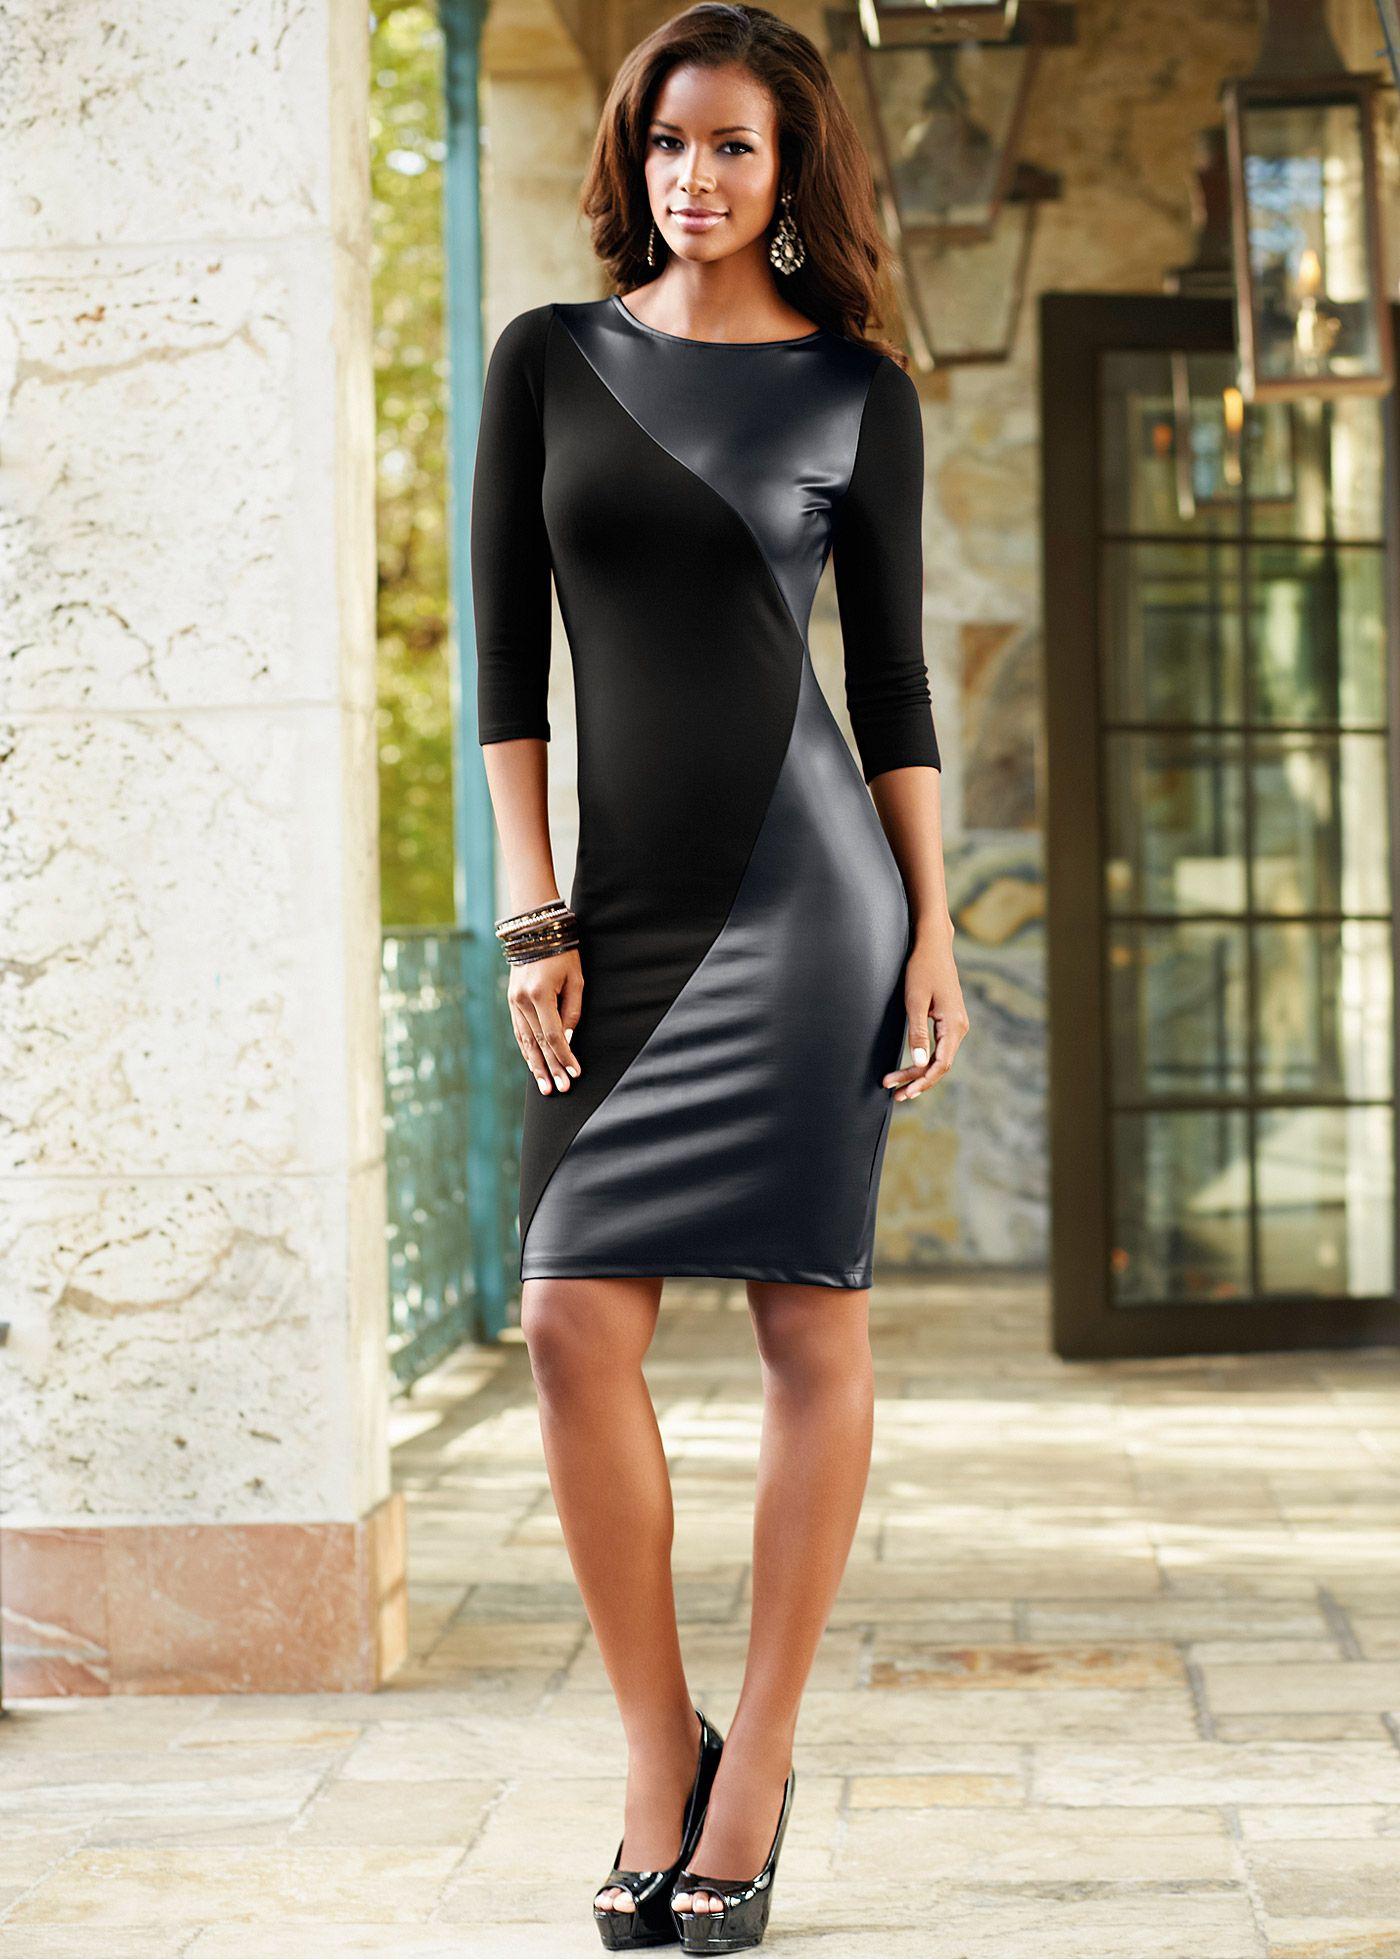 f5132c0df956 Vestido com detalhe em couro sintético | VESTIDOS | Couro sintético ...